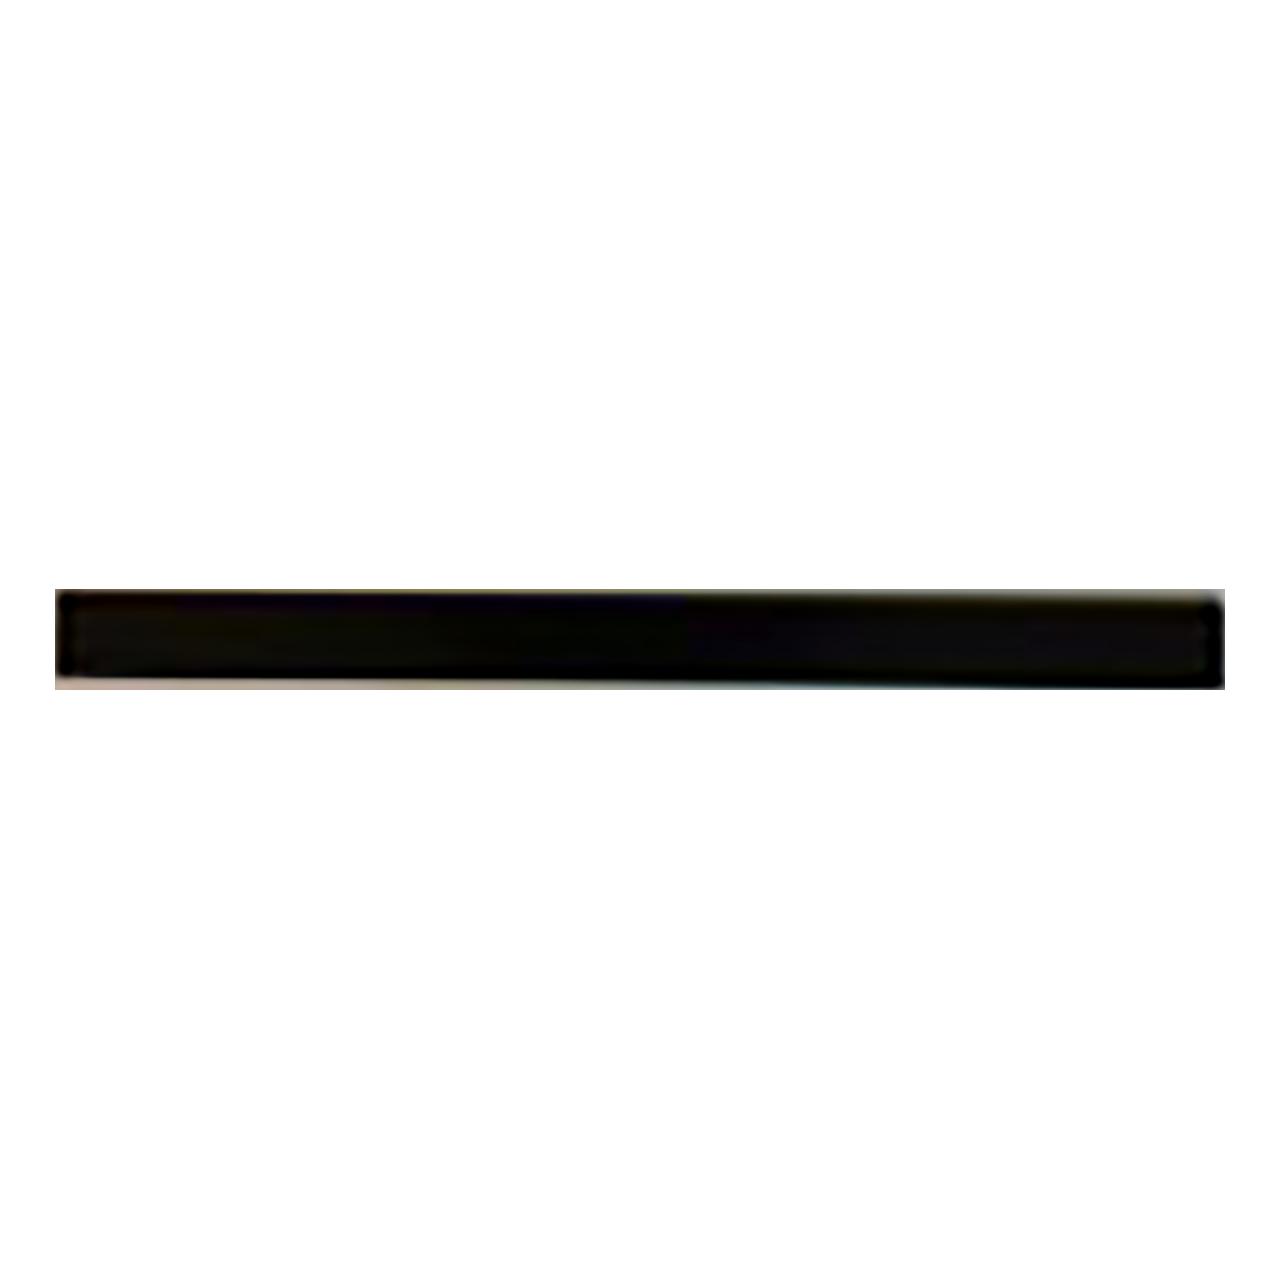 Bohrleiste CB 190-290AB für NAGEL Citoborma 111, ab Seriennummer 04040005